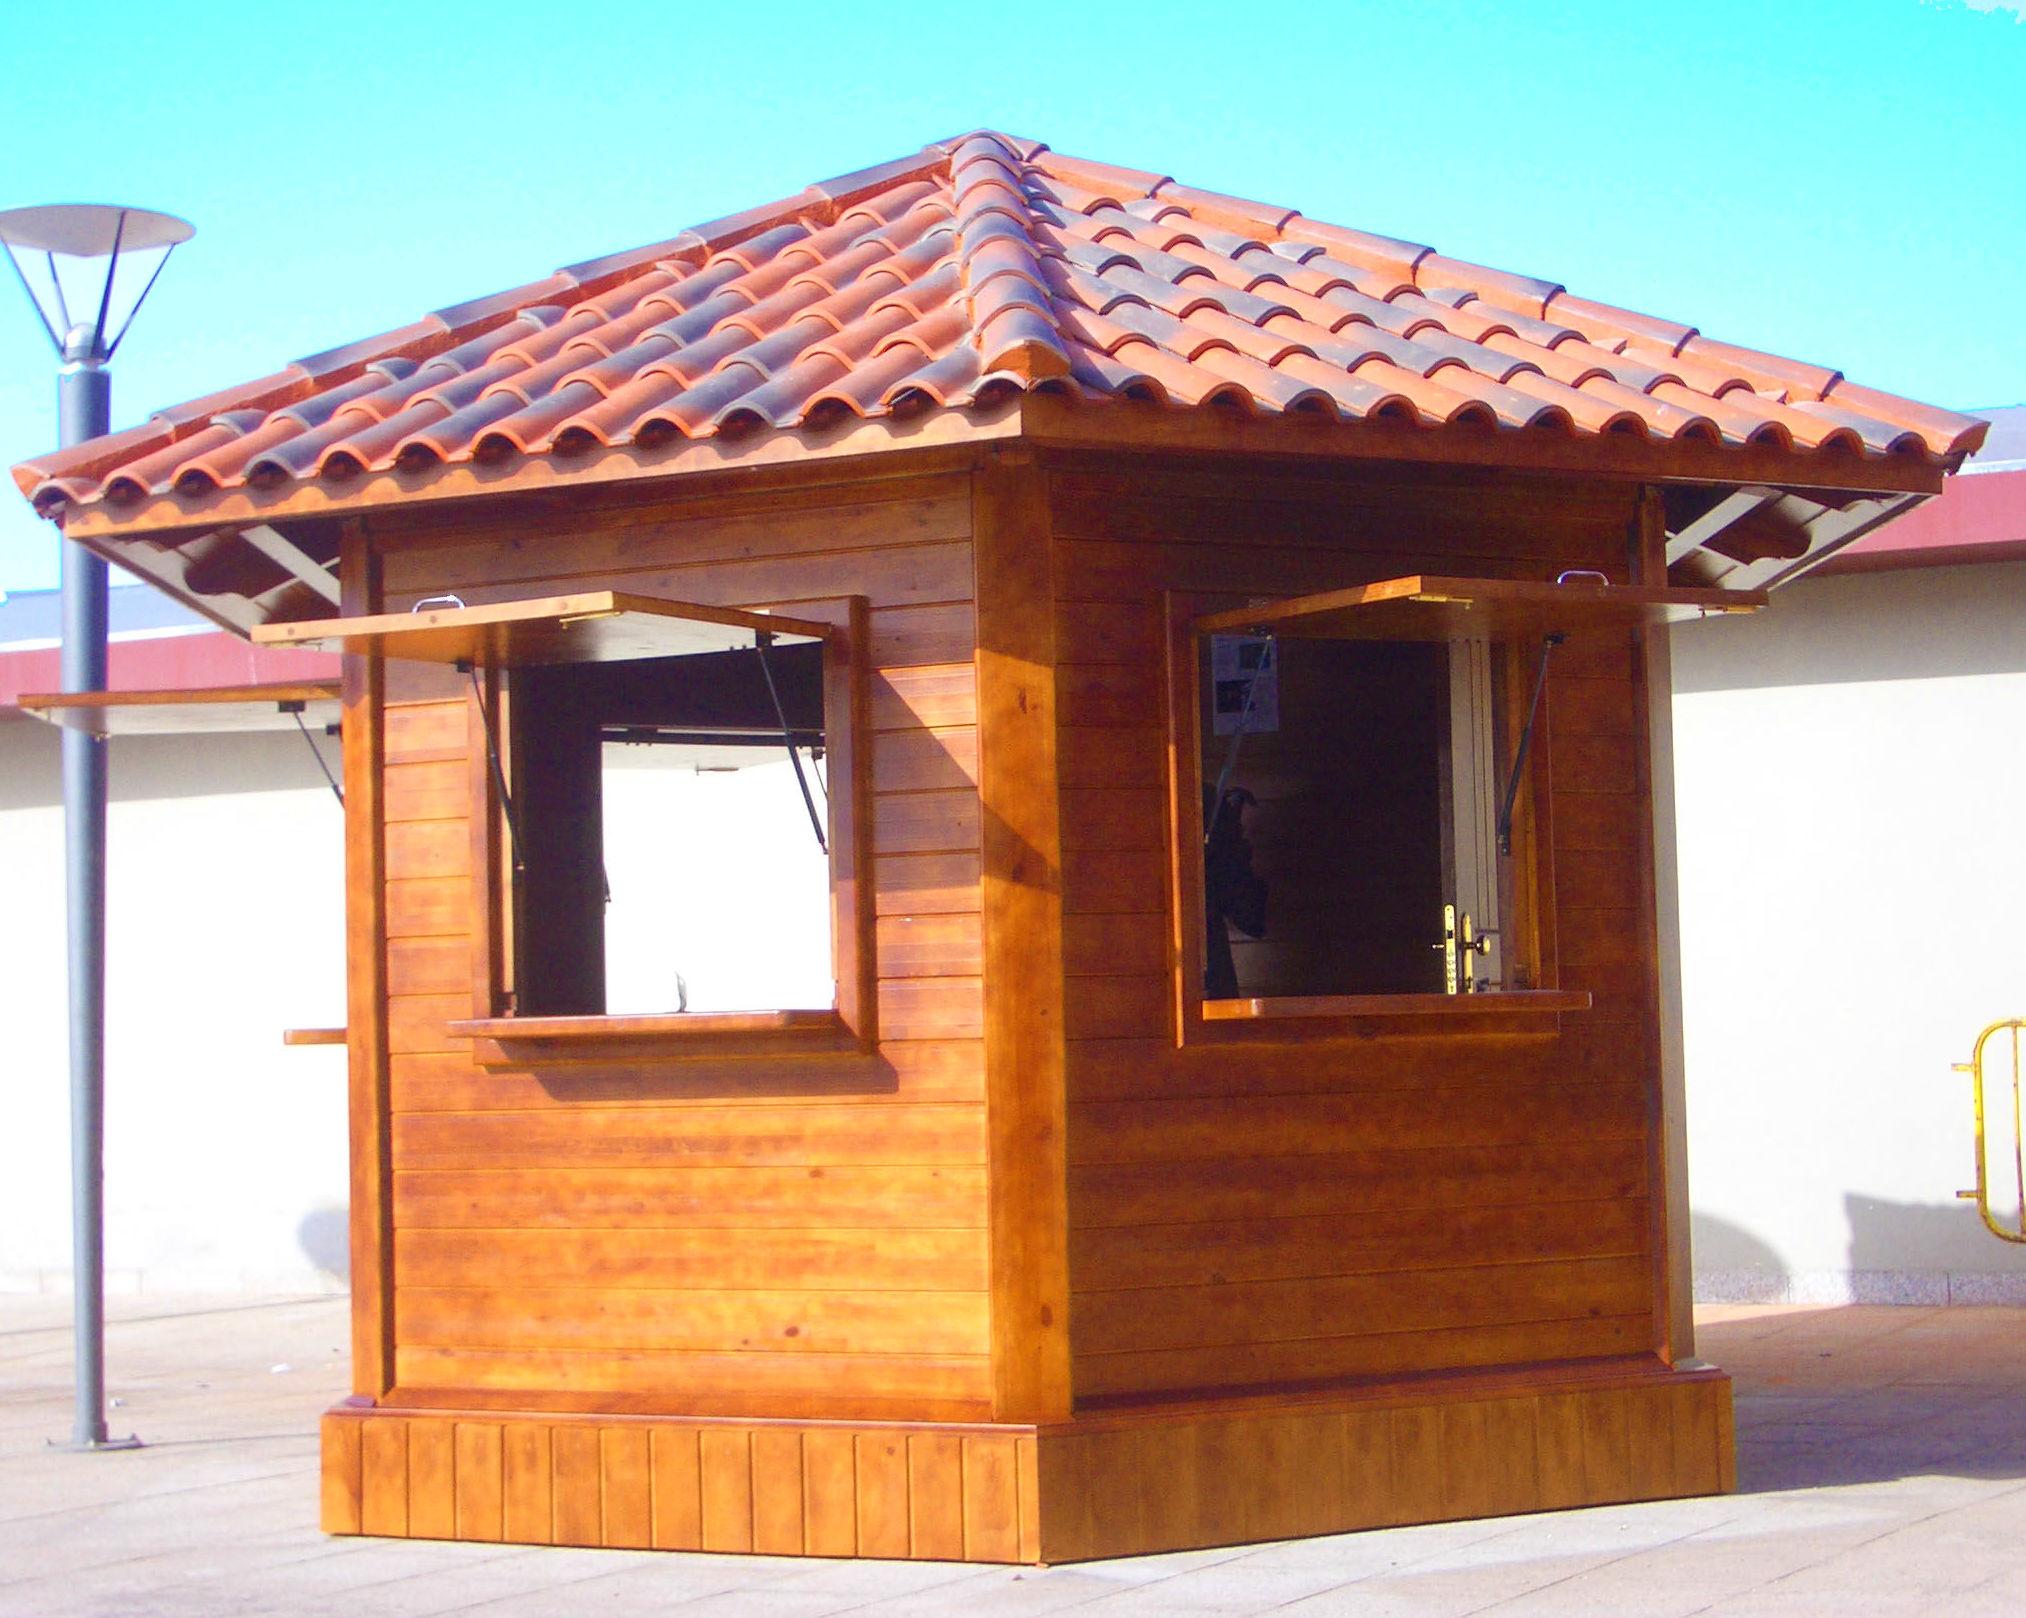 Caba as jard n garajes kioskos y casitas ni os for Disenos de kioscos de madera